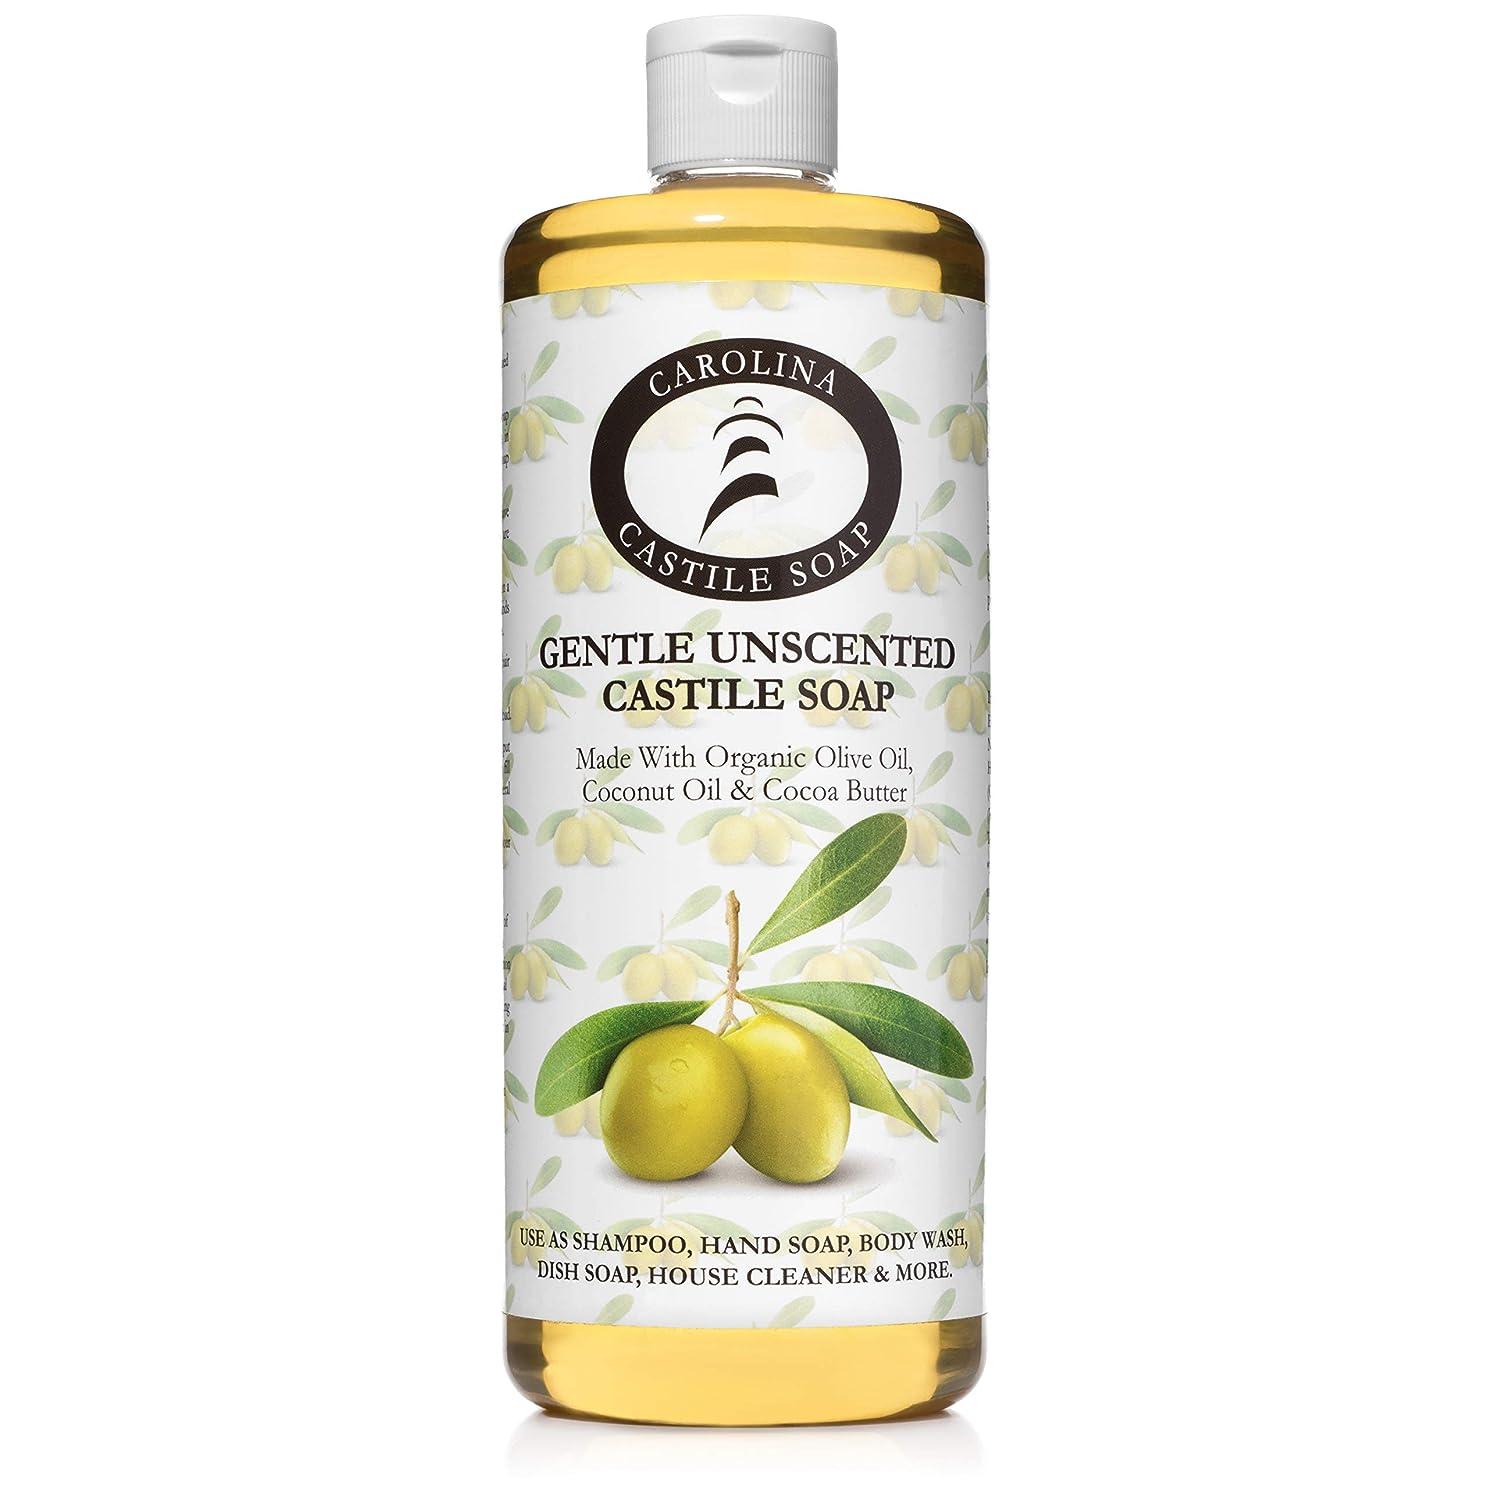 予想外まさに固執Carolina Castile Soap ジェントル無香料認定オーガニック 32オズ